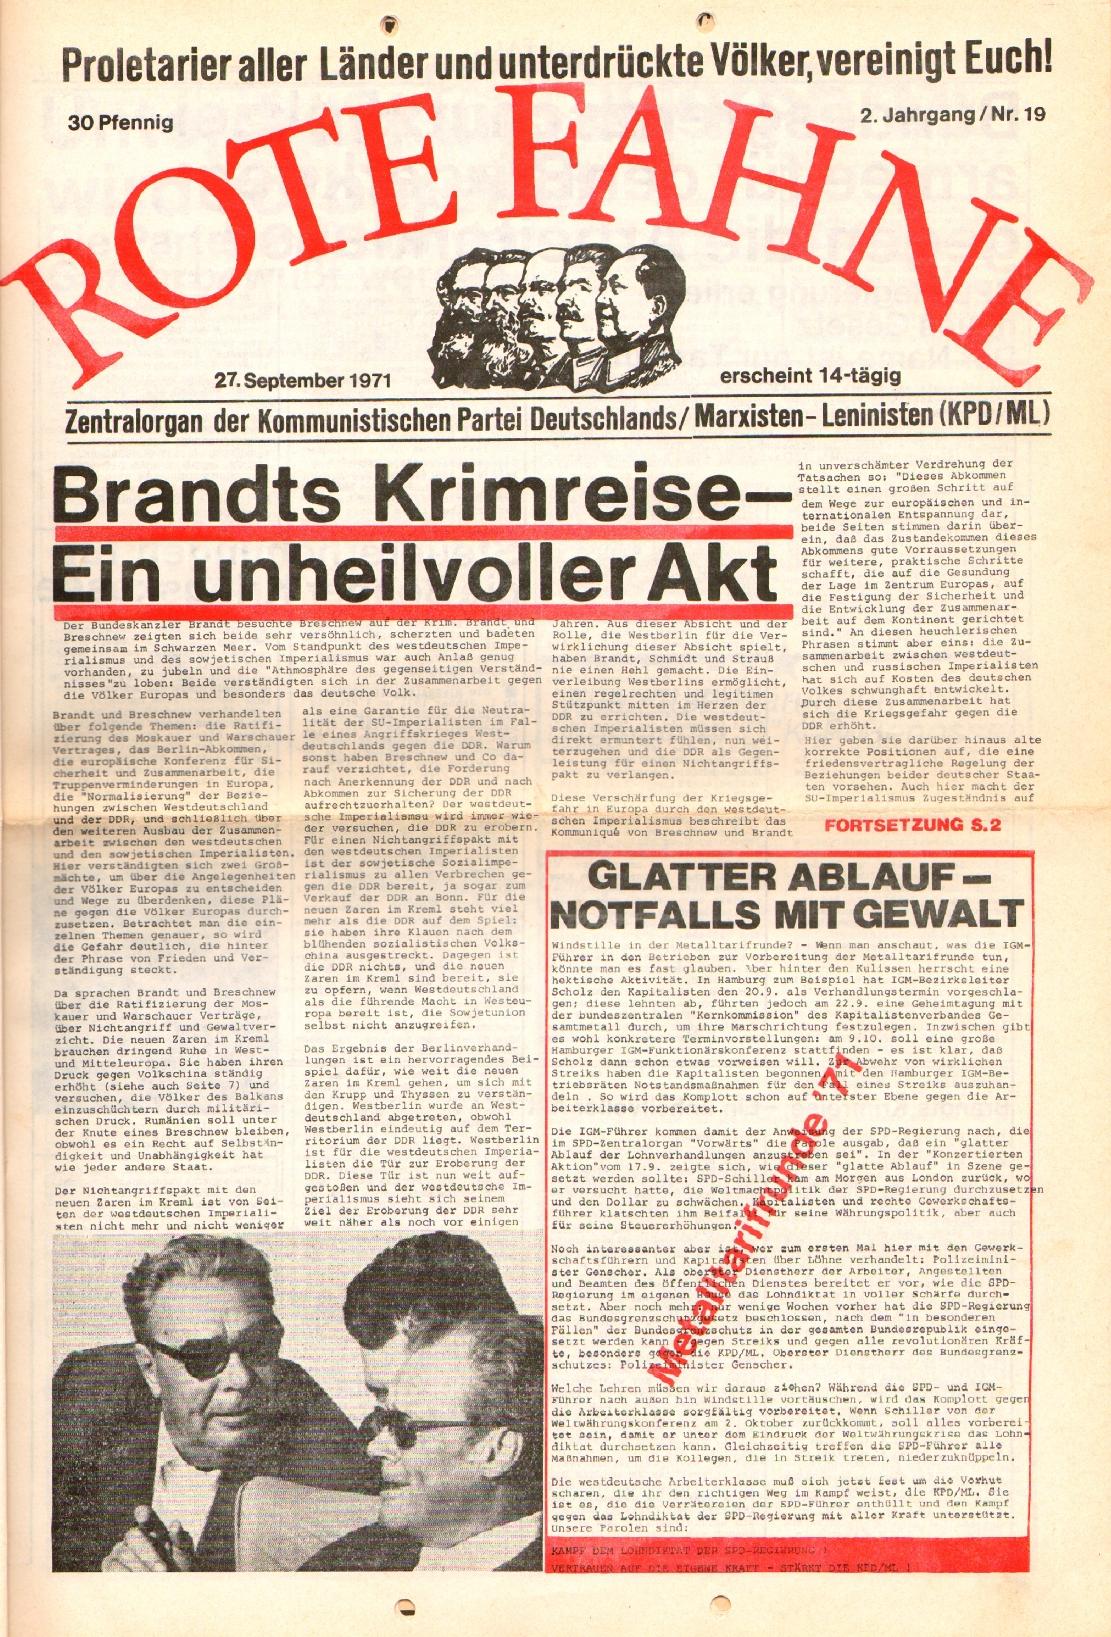 Rote Fahne, 2. Jg., 27.9.1971, Nr. 19, Seite 1